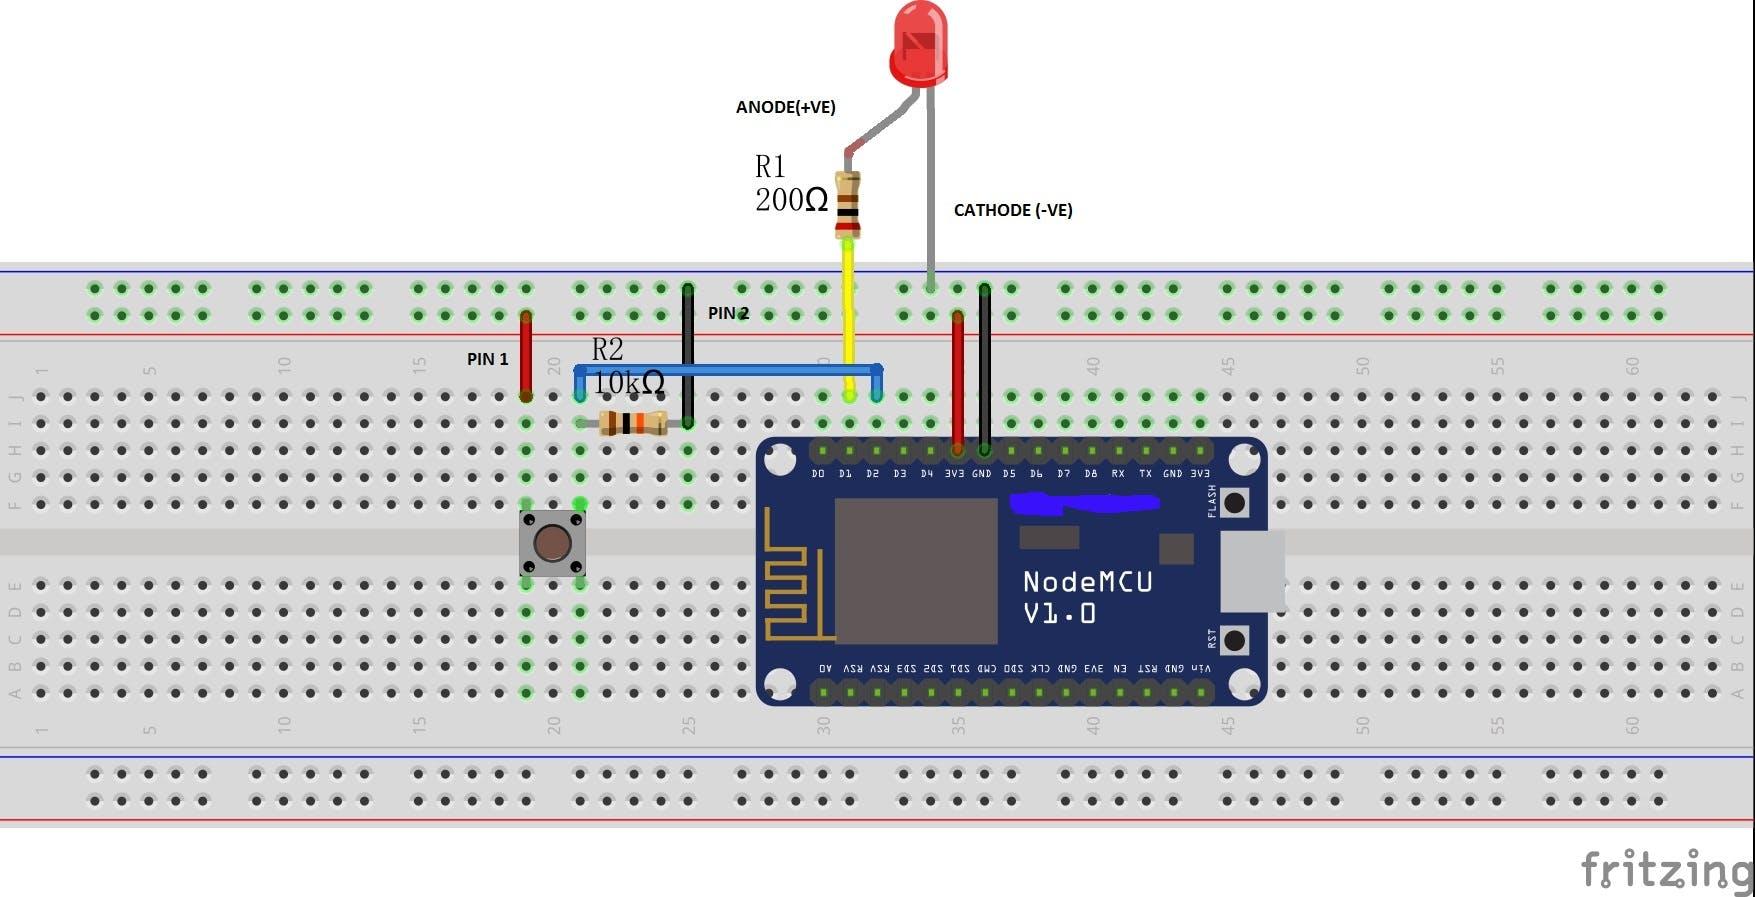 NodeMCU schematic